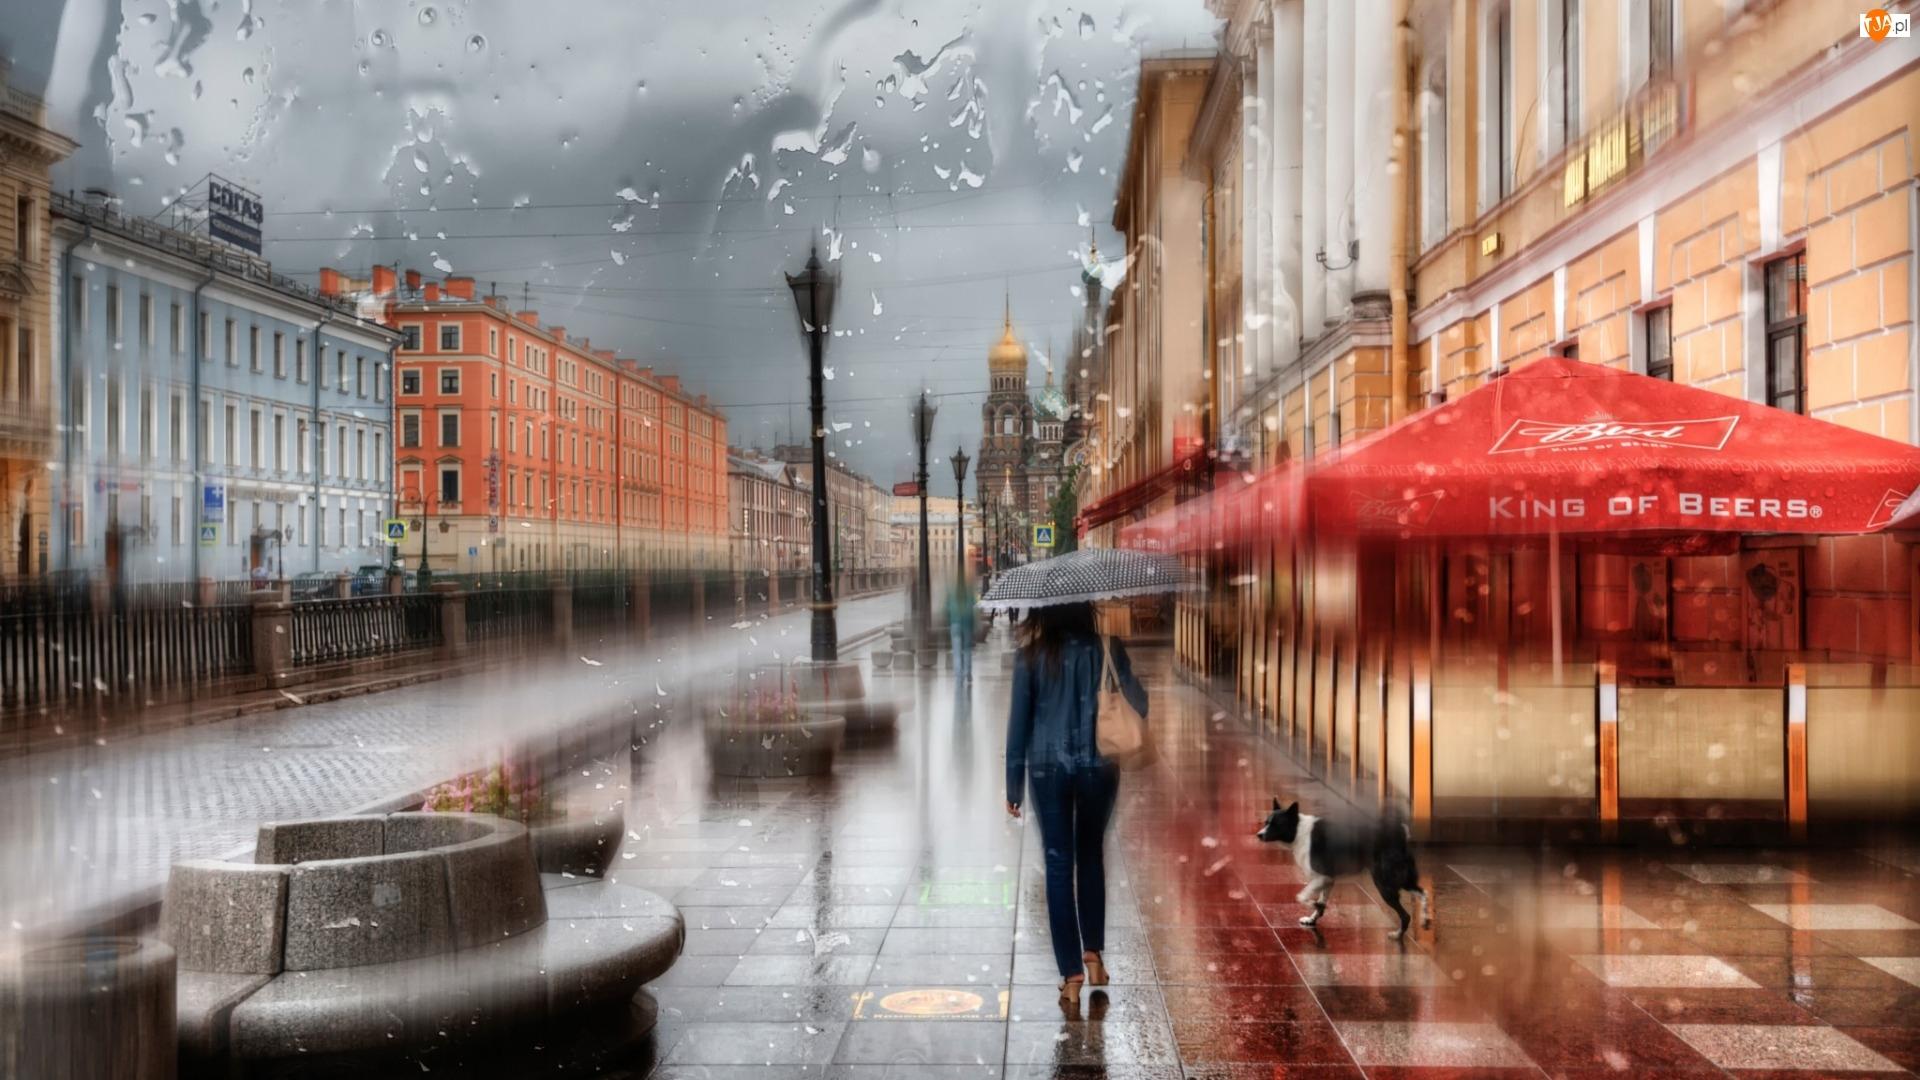 Budynki, Parasol, Deszcz, Pies, Ulica, Kobieta